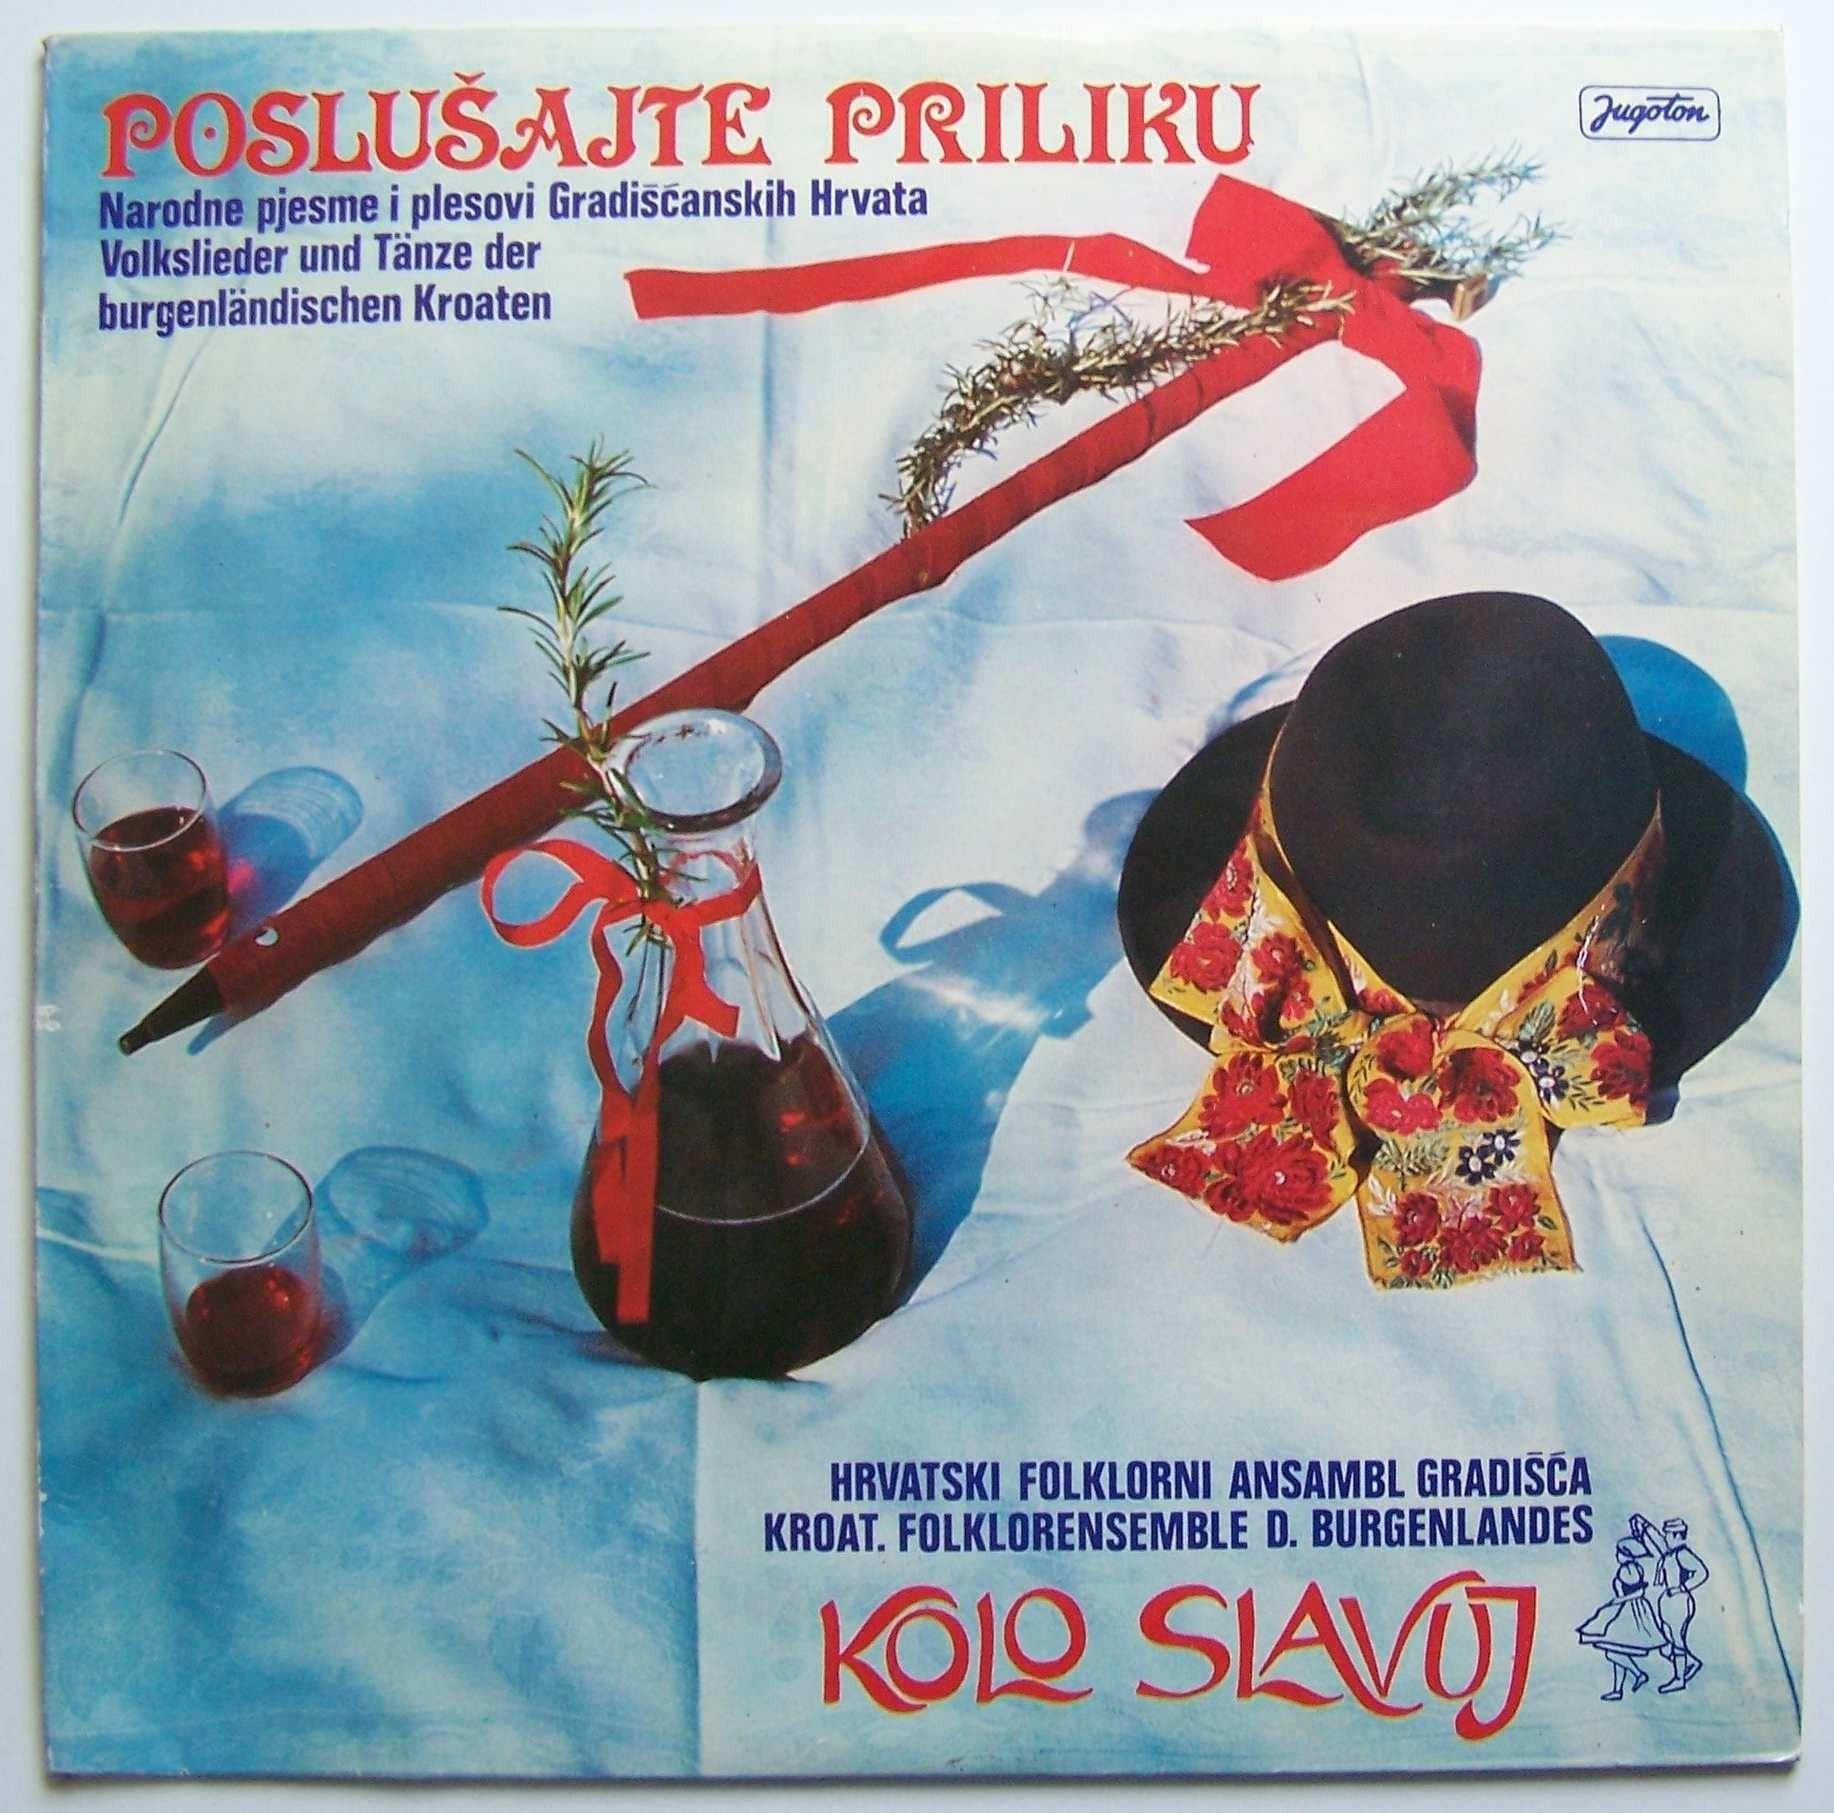 Hrvatski Folklorni Ansambl Gradisca - Poslusajte Priliku - Narodne Pjesme I Plesovi Gradiscanskih Hrvata